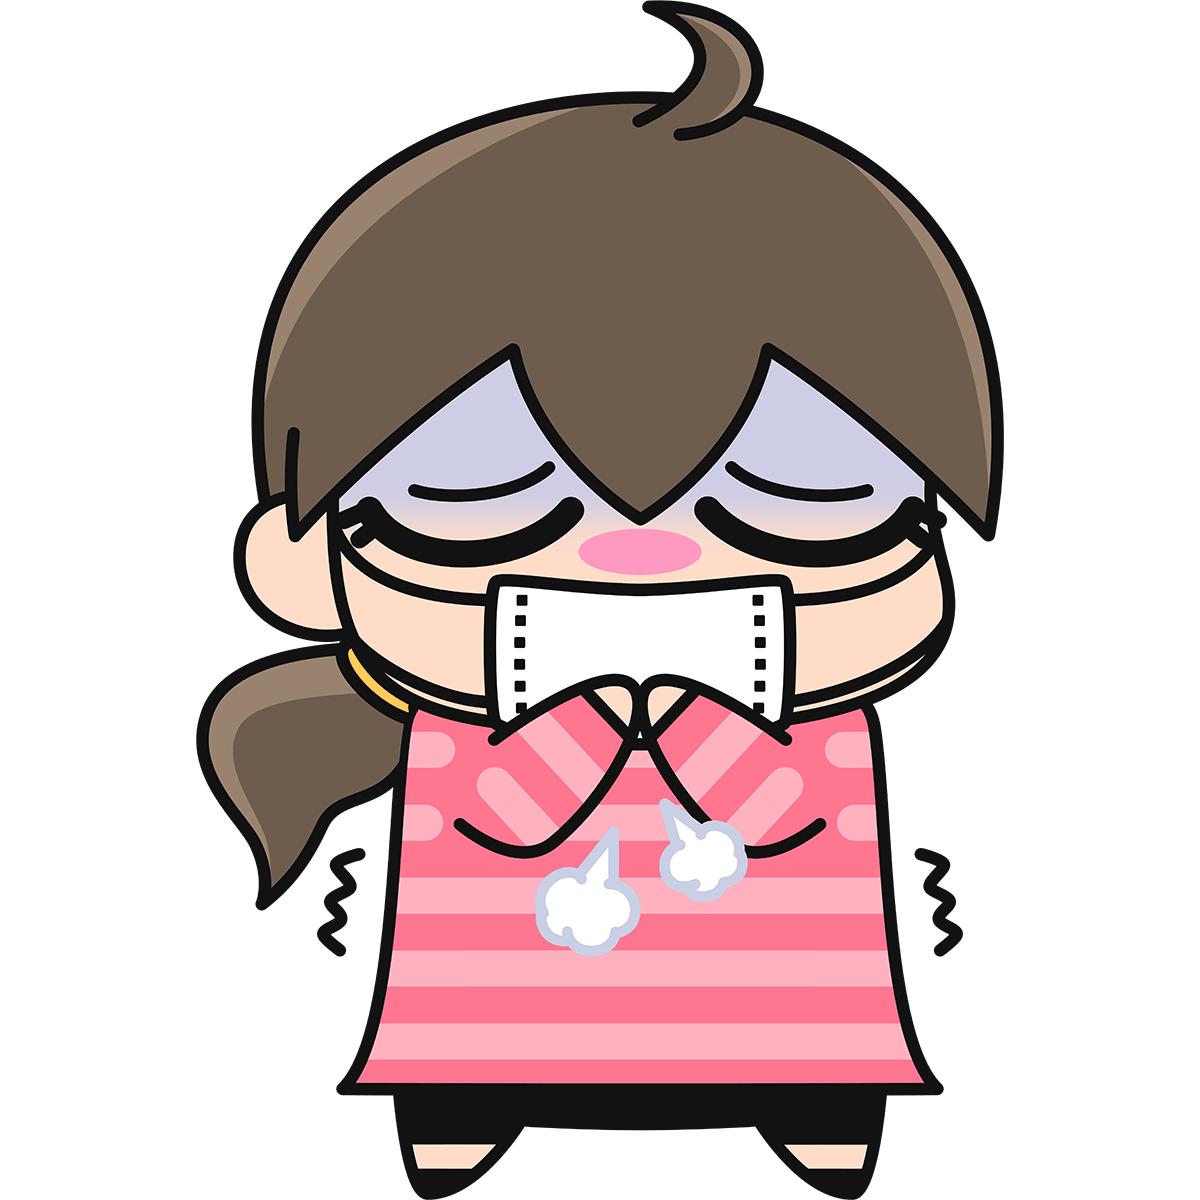 風邪をひいた女性(インフルエンザ)の無料イラスト